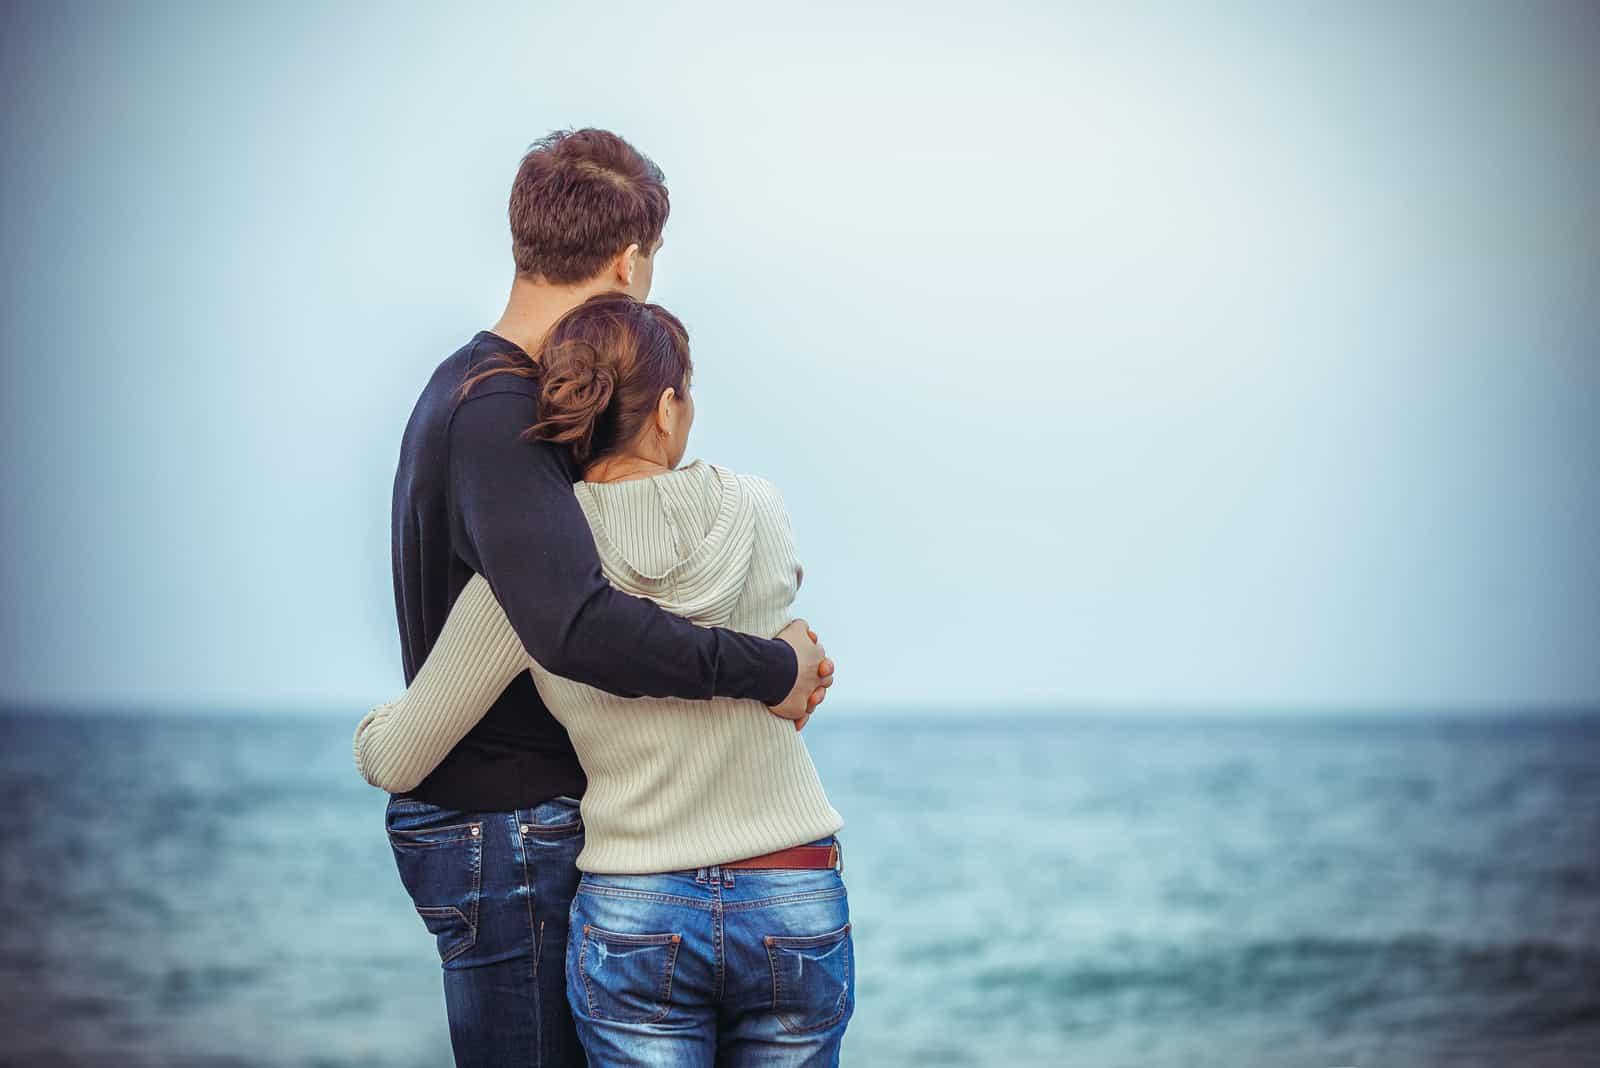 un homme et une femme s'embrassent en regardant la mer